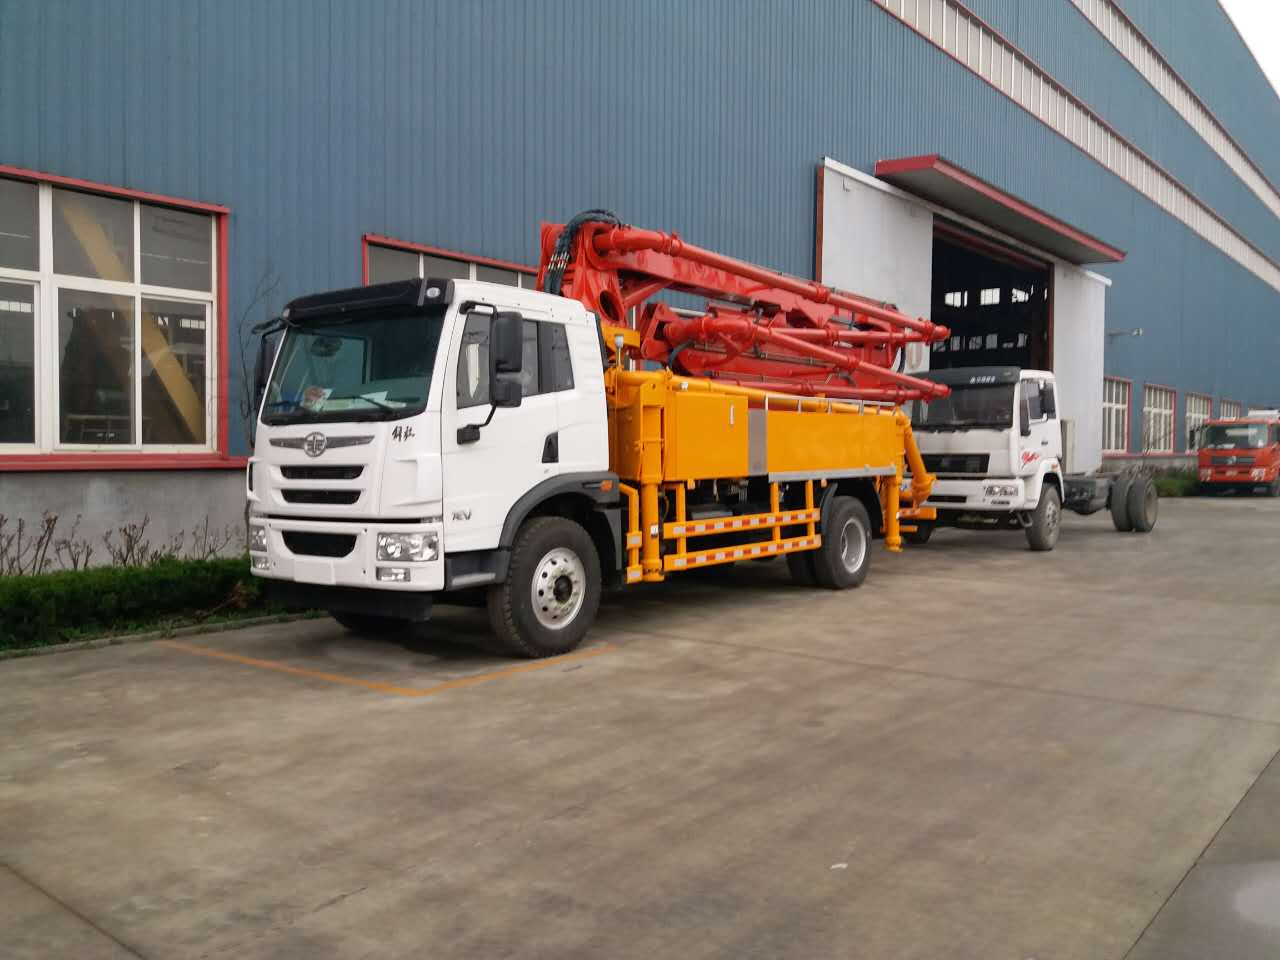 厂家库存急售24米26米小型混凝土泵车二手车